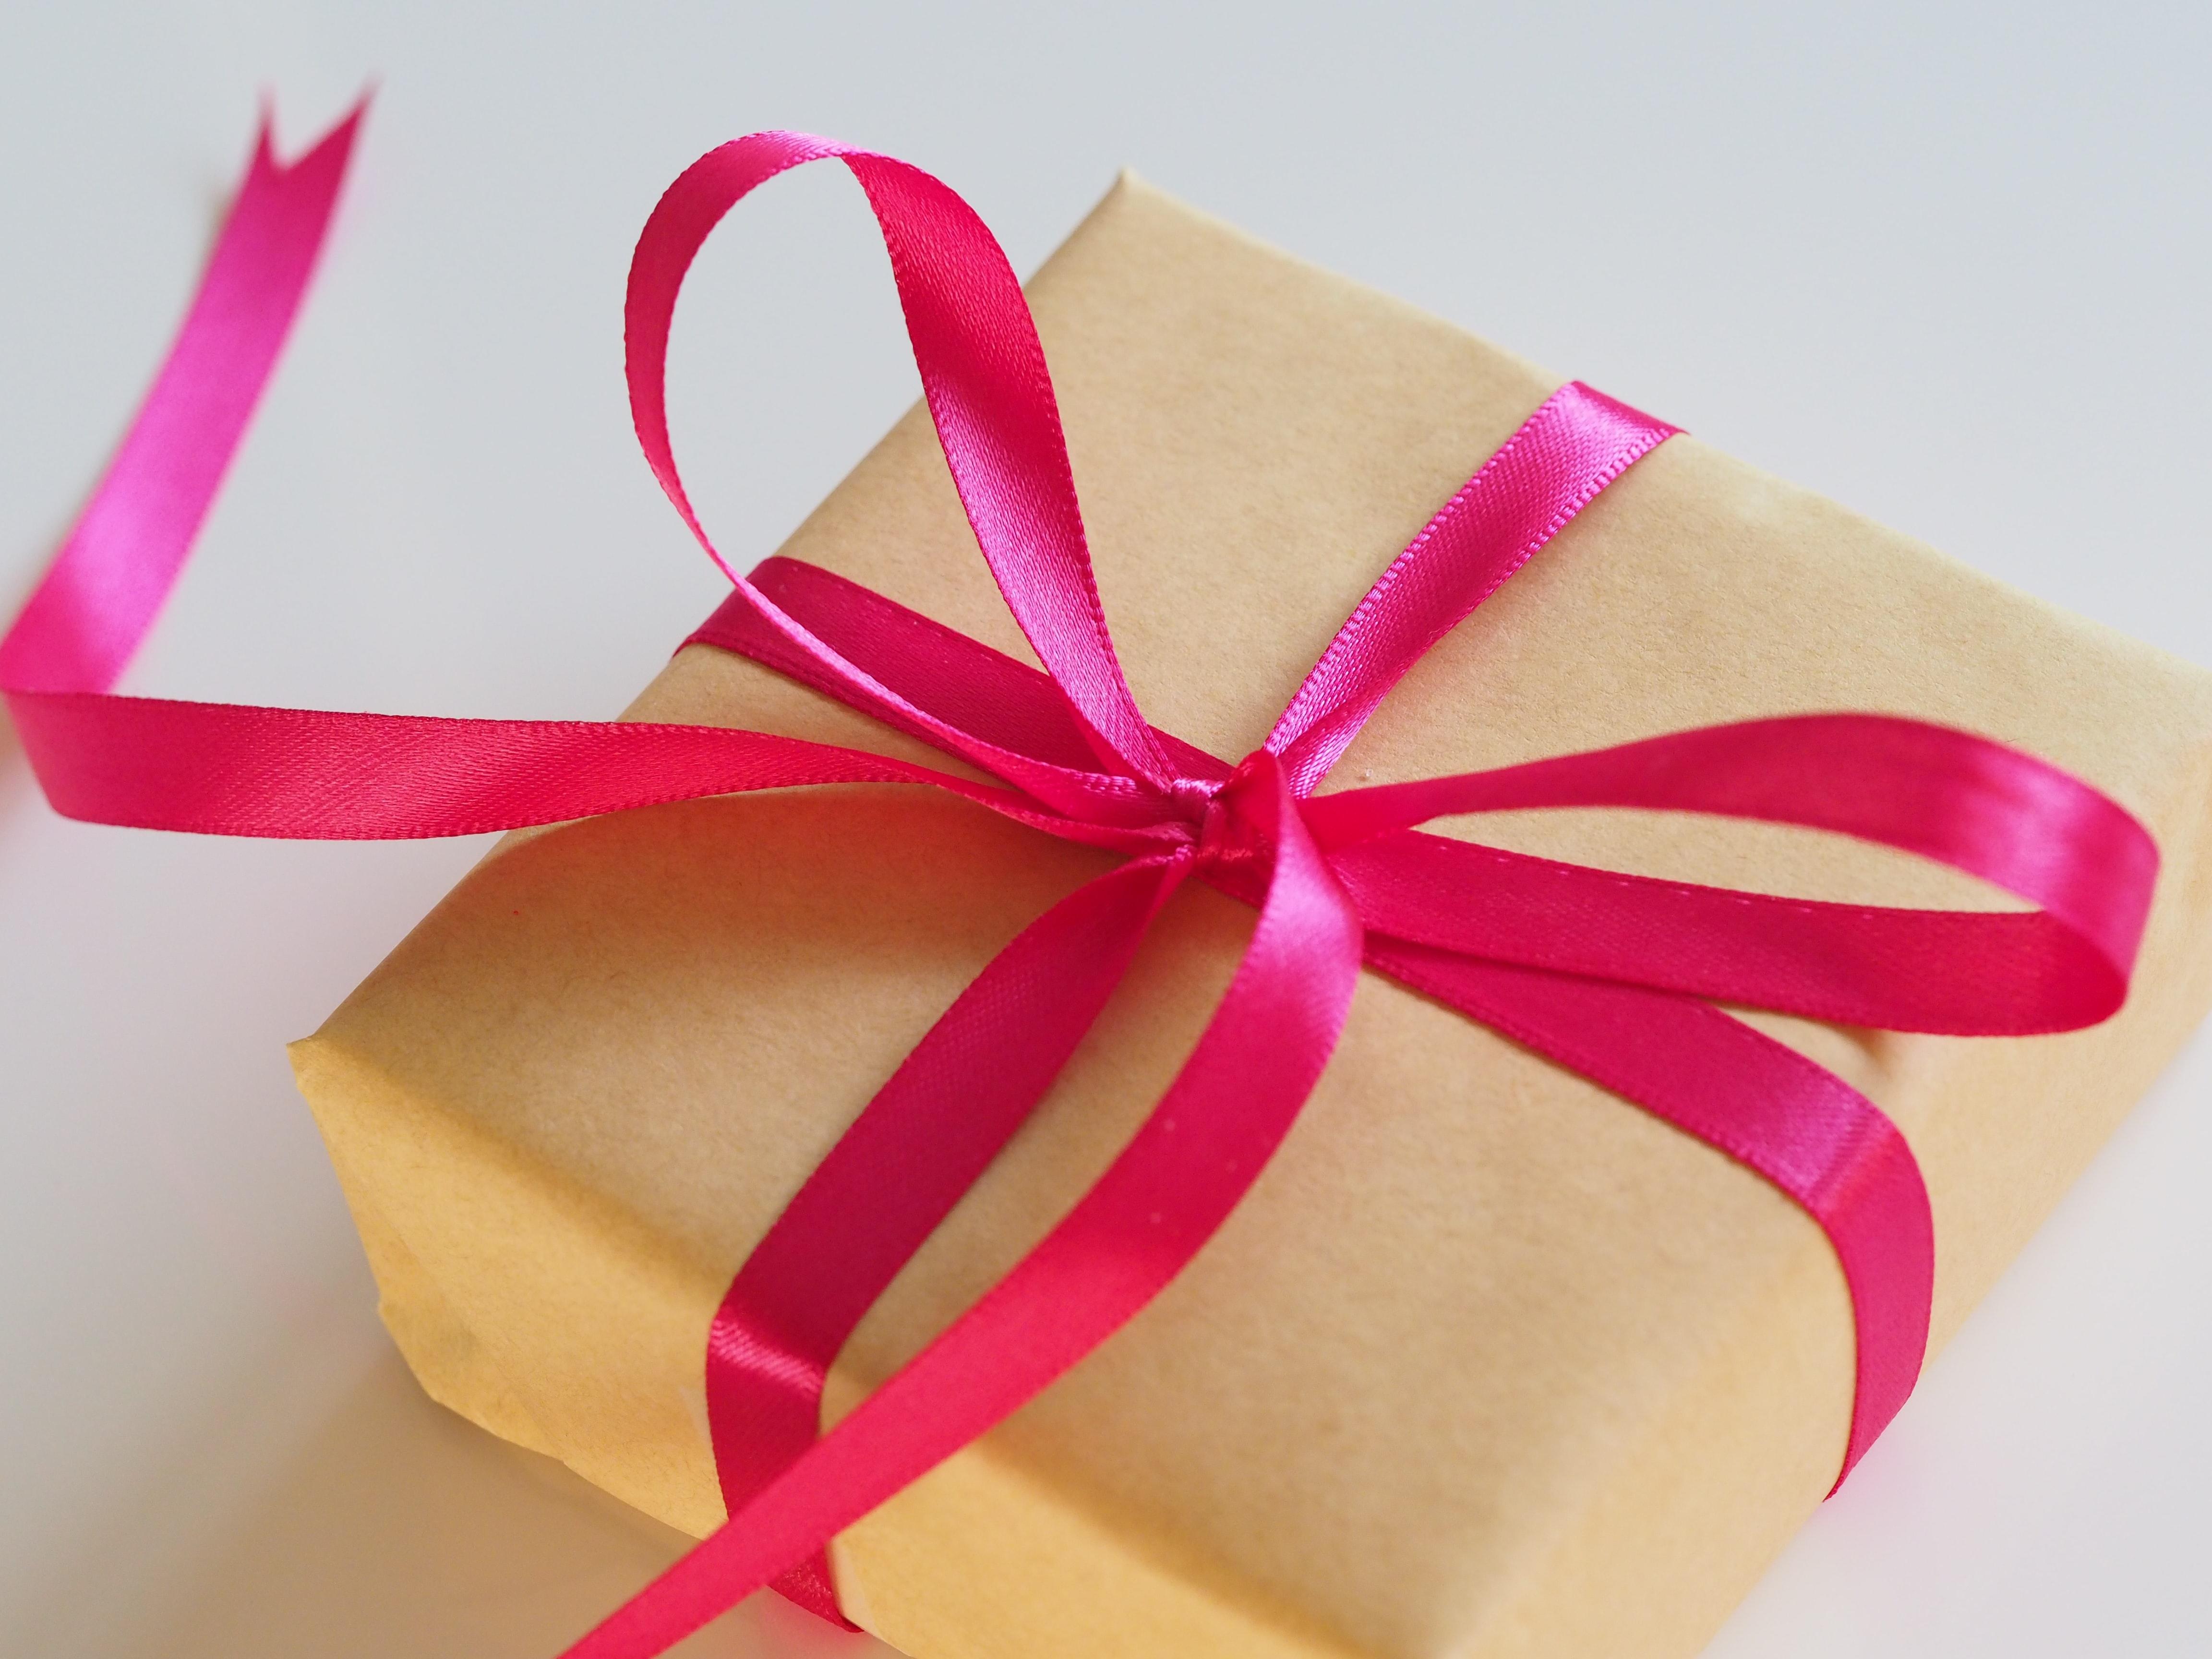 Embrulho de presente para Dia das Mães com fita rosa